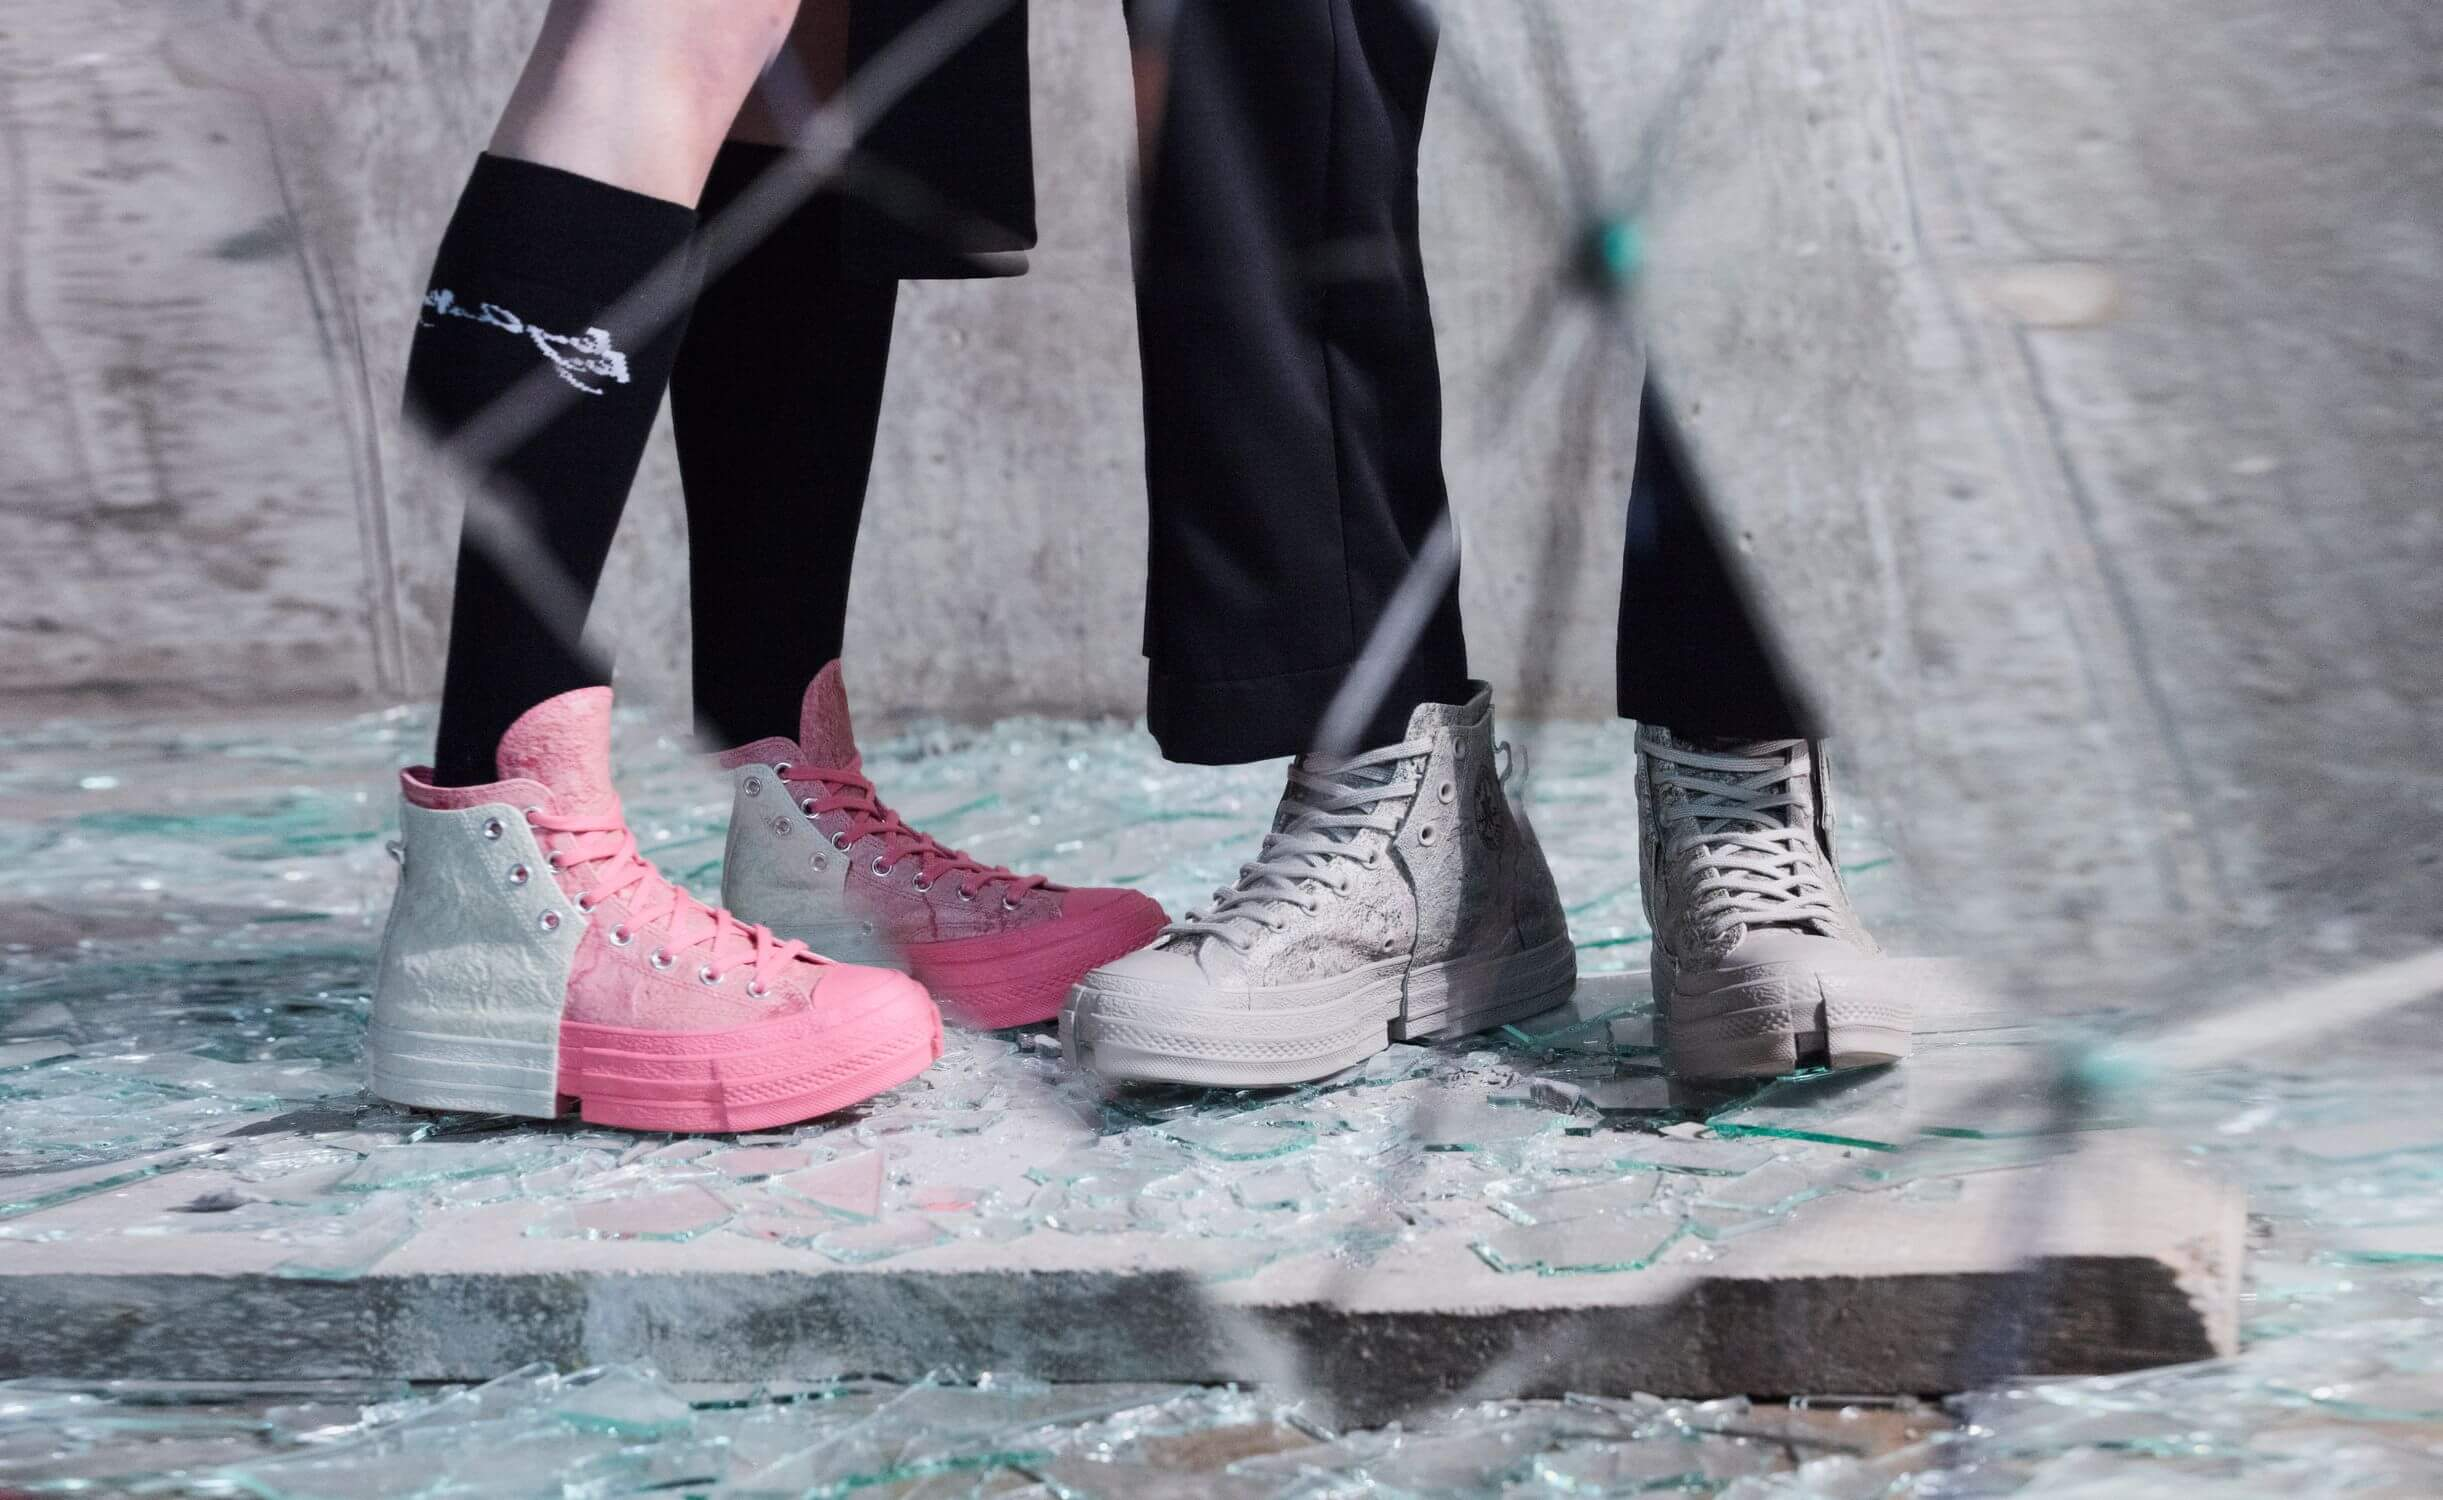 Converse x Feng Chen Wang - 2-in-1 Chuck 70 - pink/white & grey/grey - 171837C &171838C